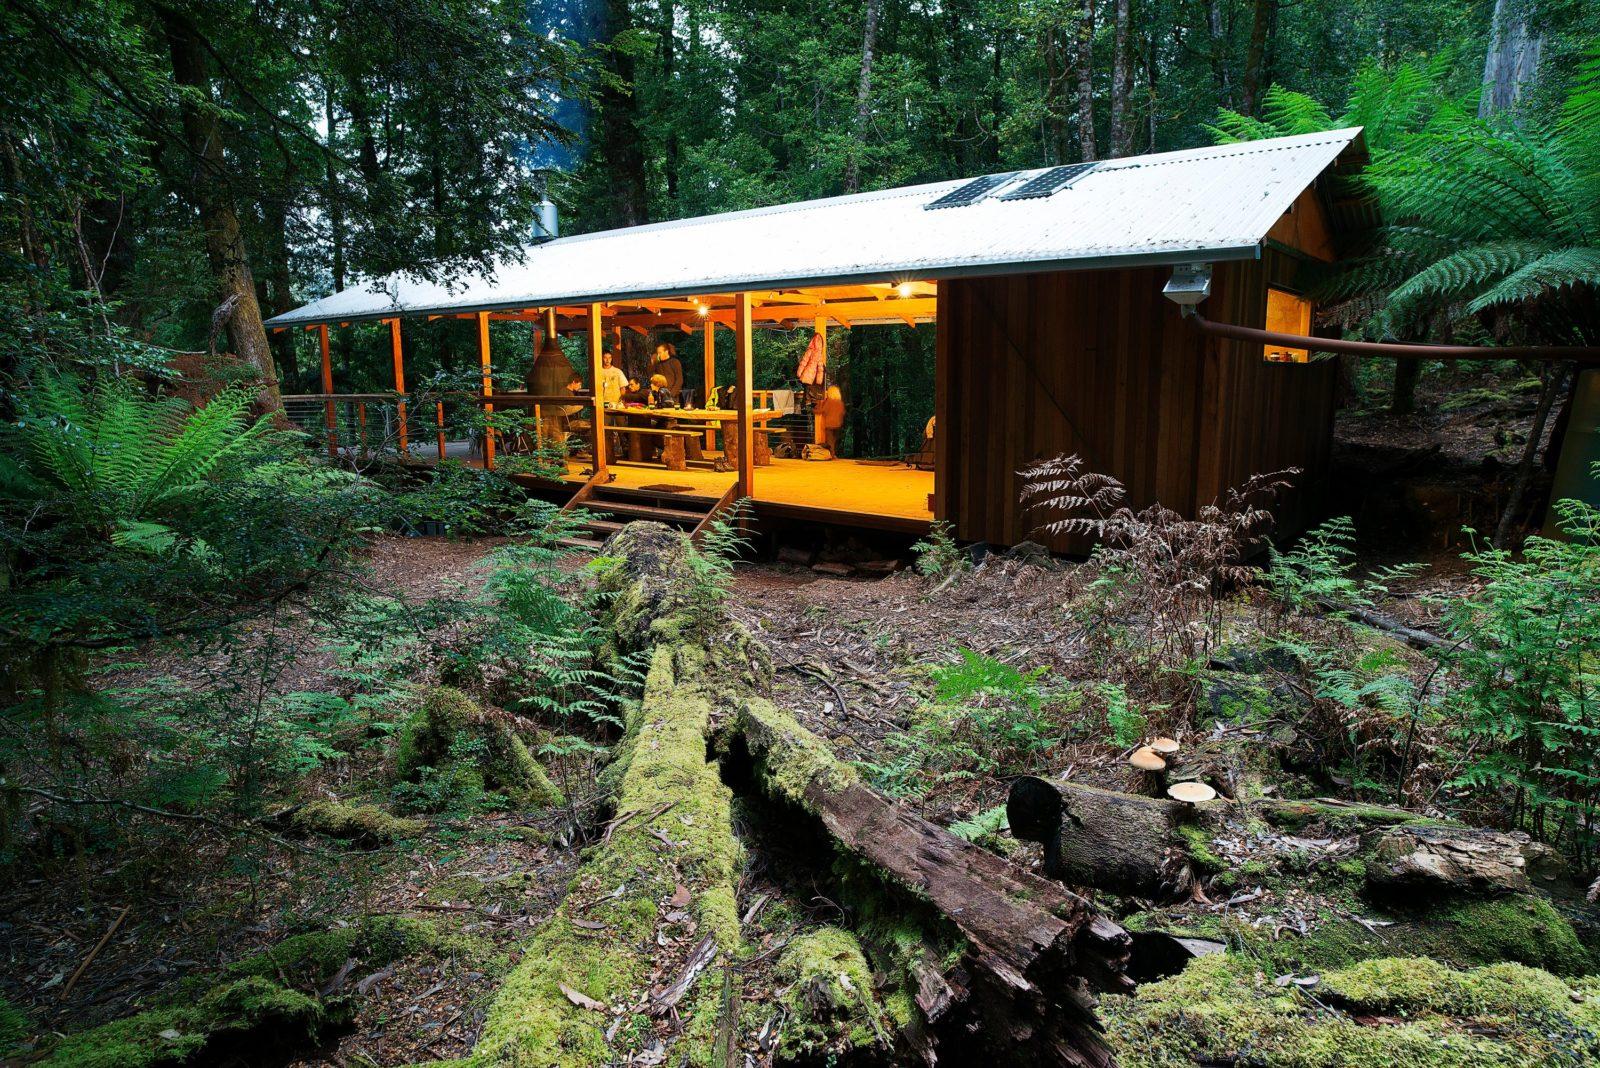 Tiger Ridge base camp in the takayna/Tarkine rainforest